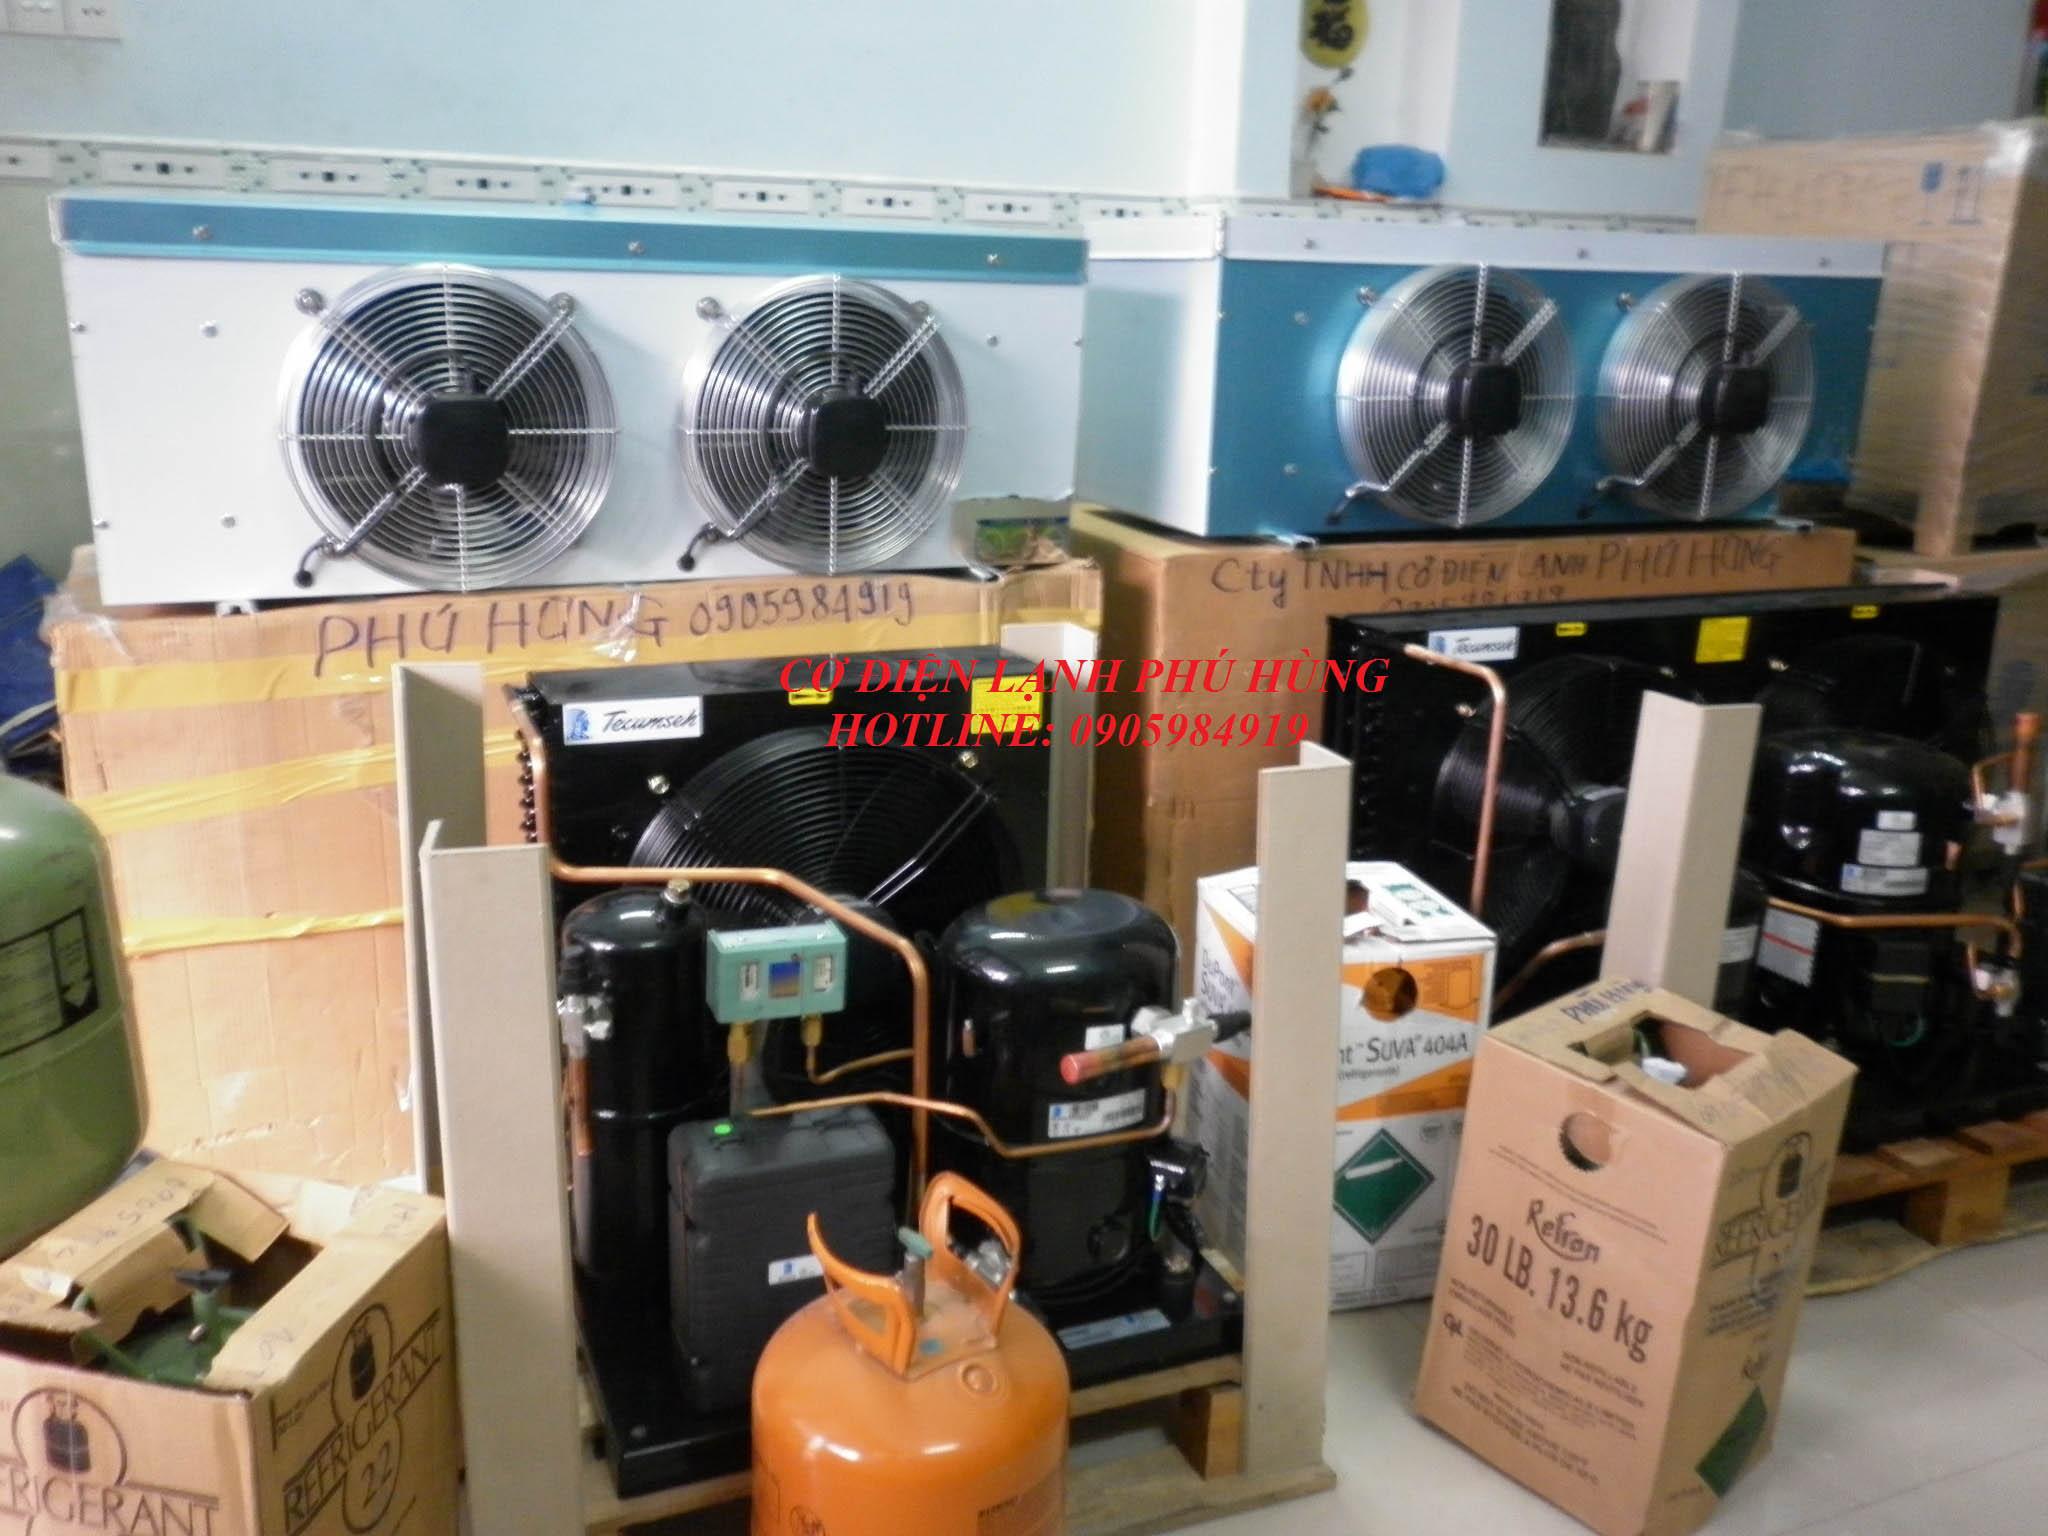 Cụm máy nén dàn ngưng kho đông lạnh Đà Nẵng vtP1070068